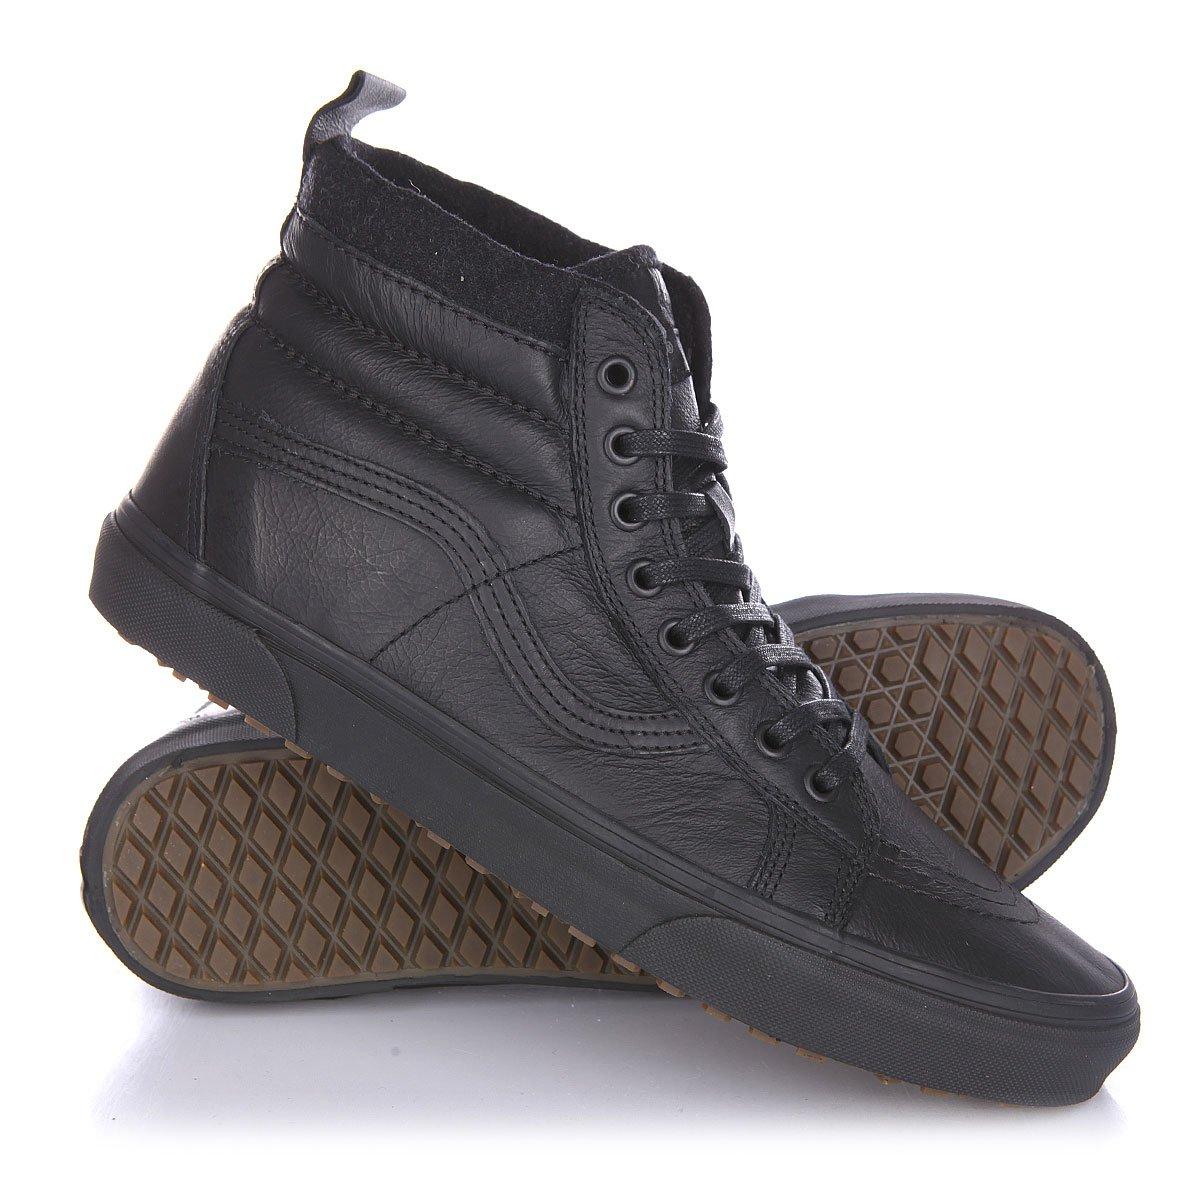 bdccab5185cf Купить кеды высокие Vans Sk8 Hi Mte Black Leather в интернет ...